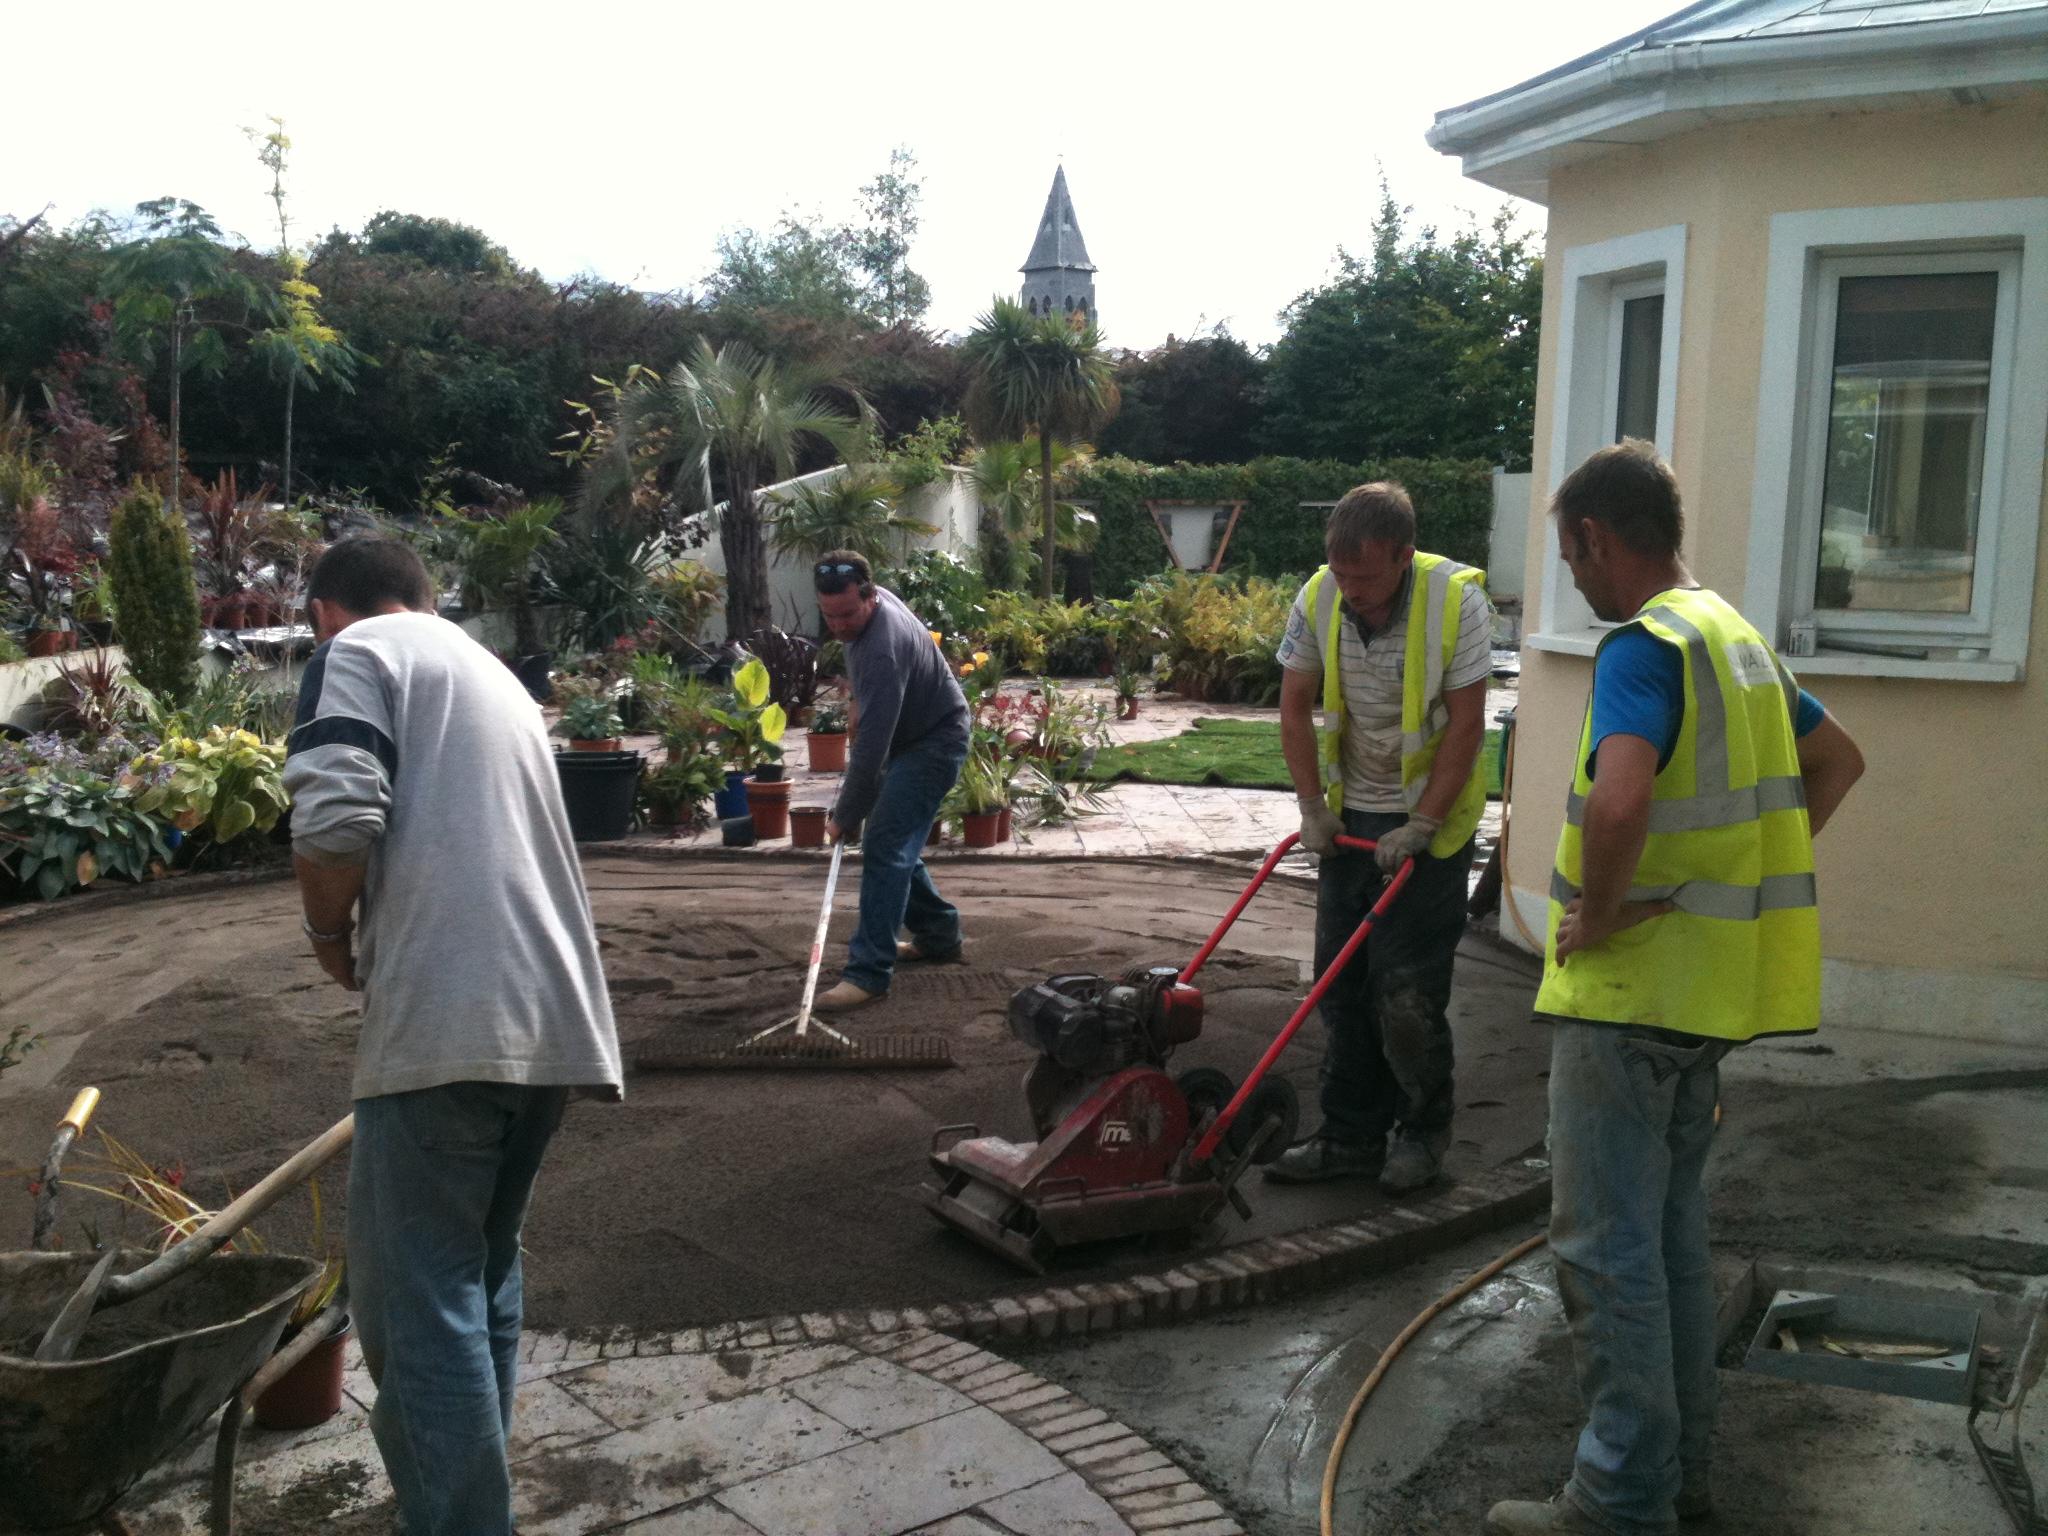 installation crew preparing ground for TigerTurf